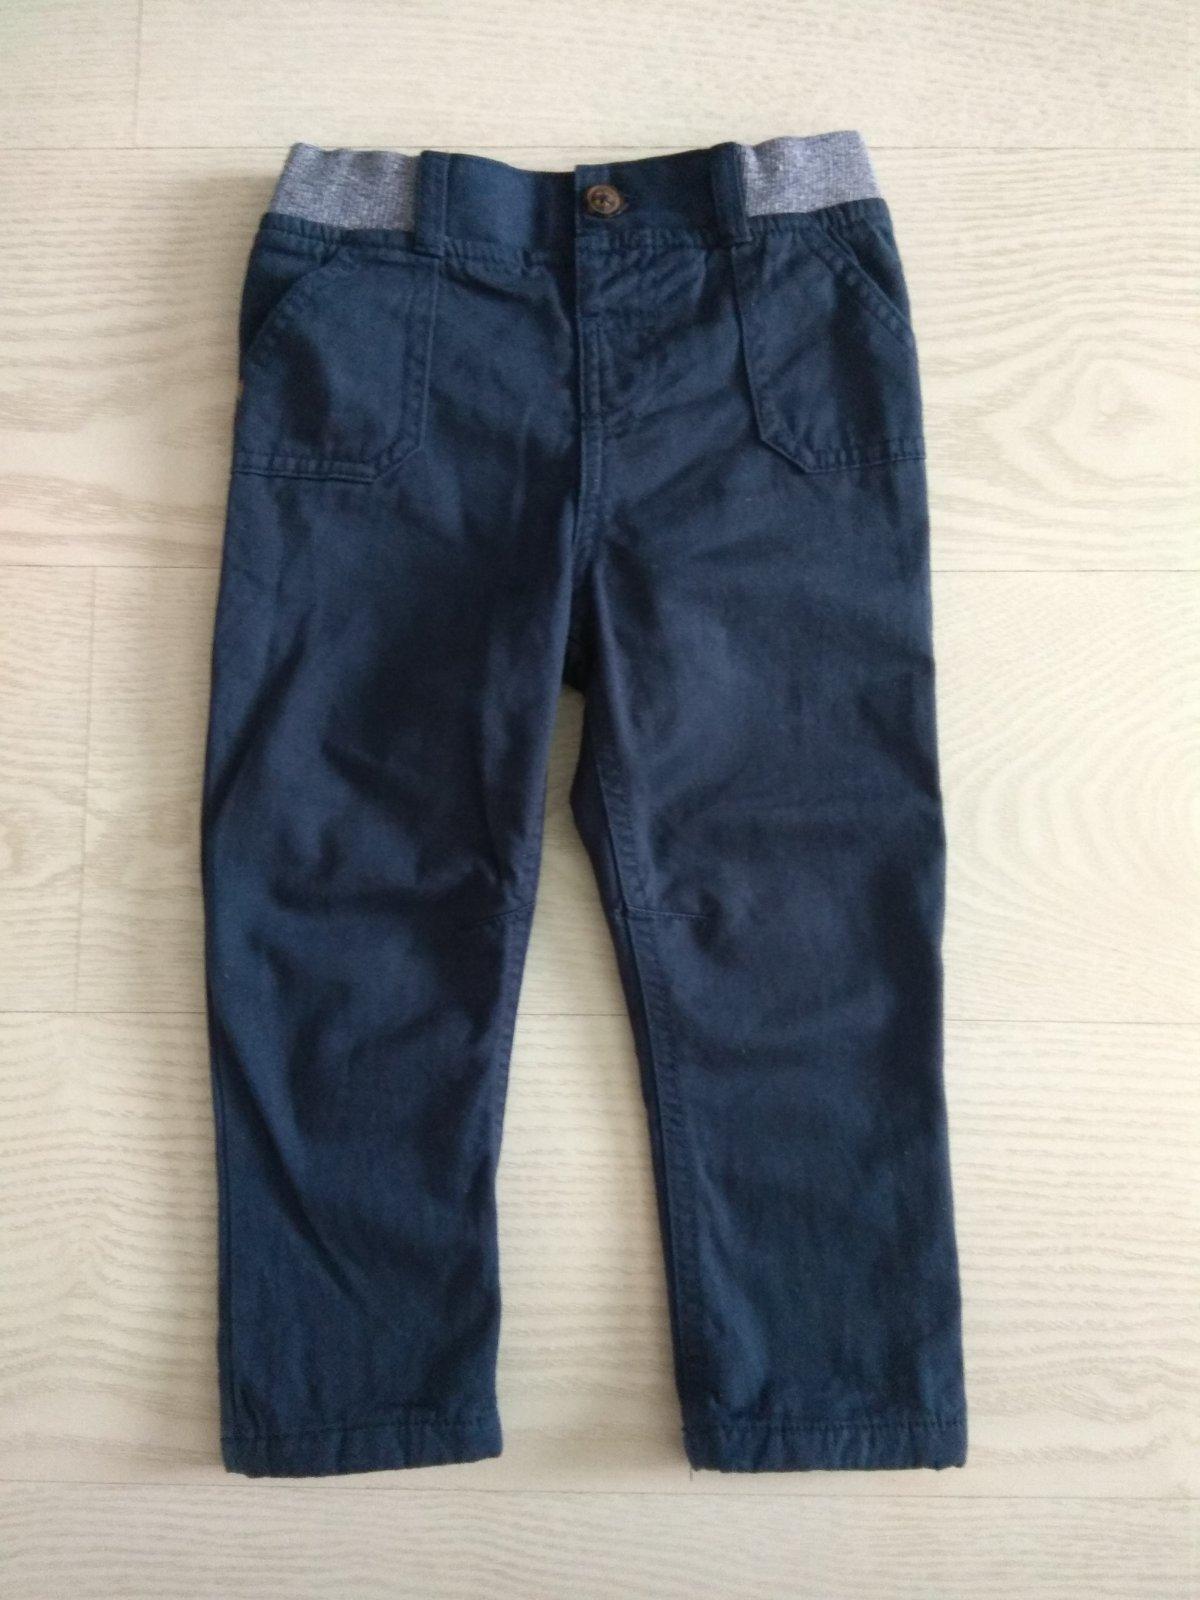 Zateplené tmavomodré nohavice s poštovným - Obrázok č. 1